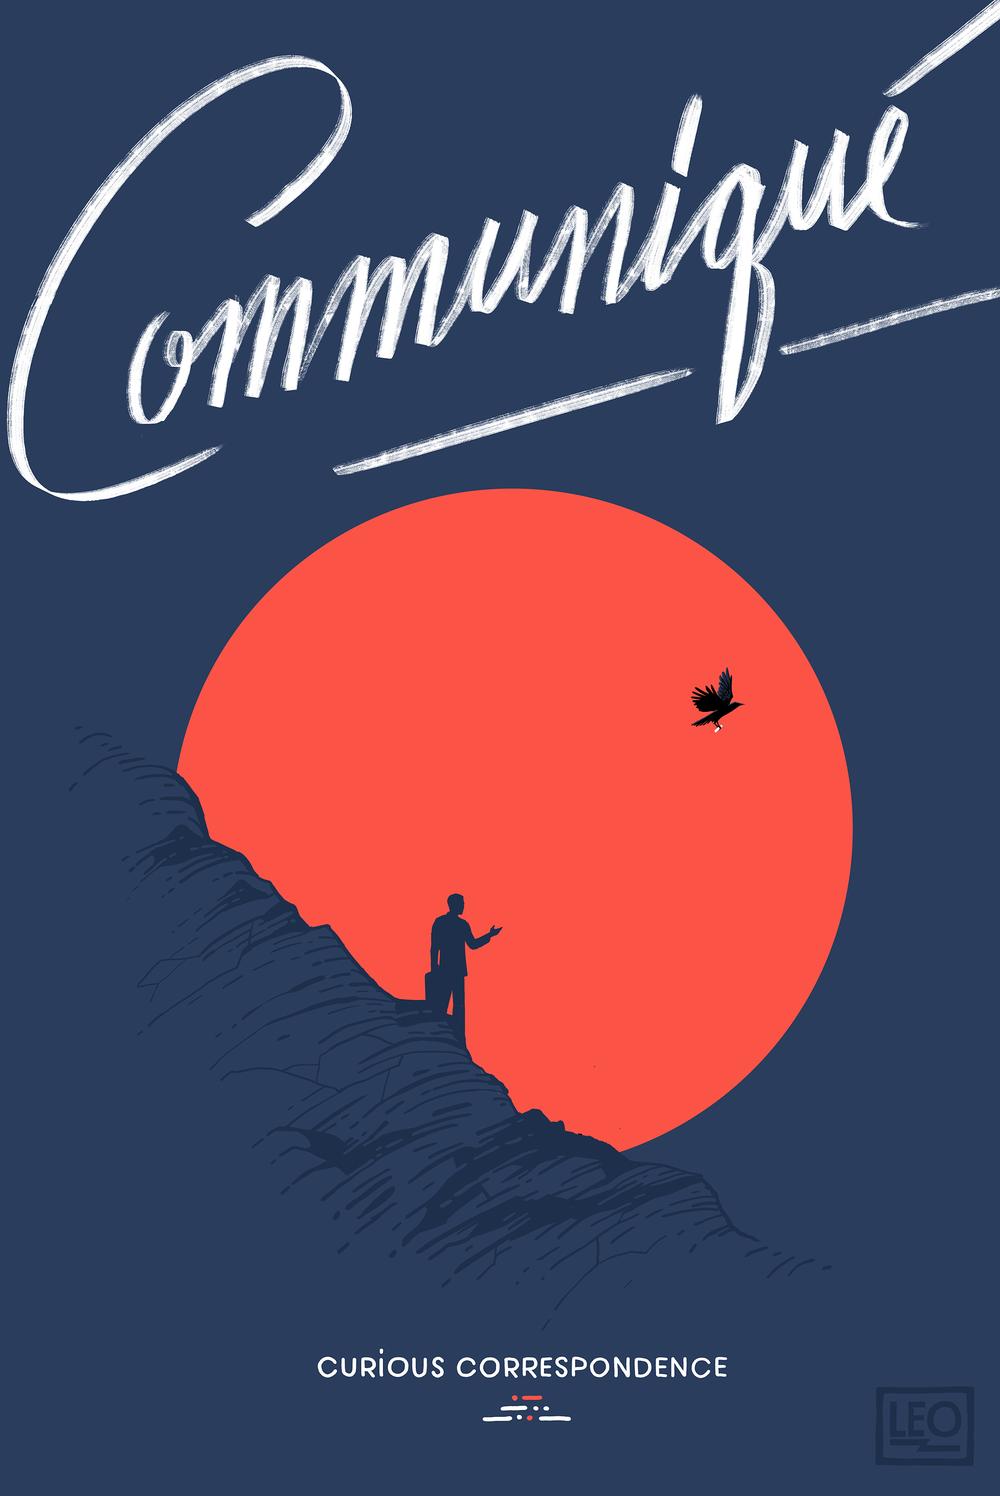 Communique-1.png